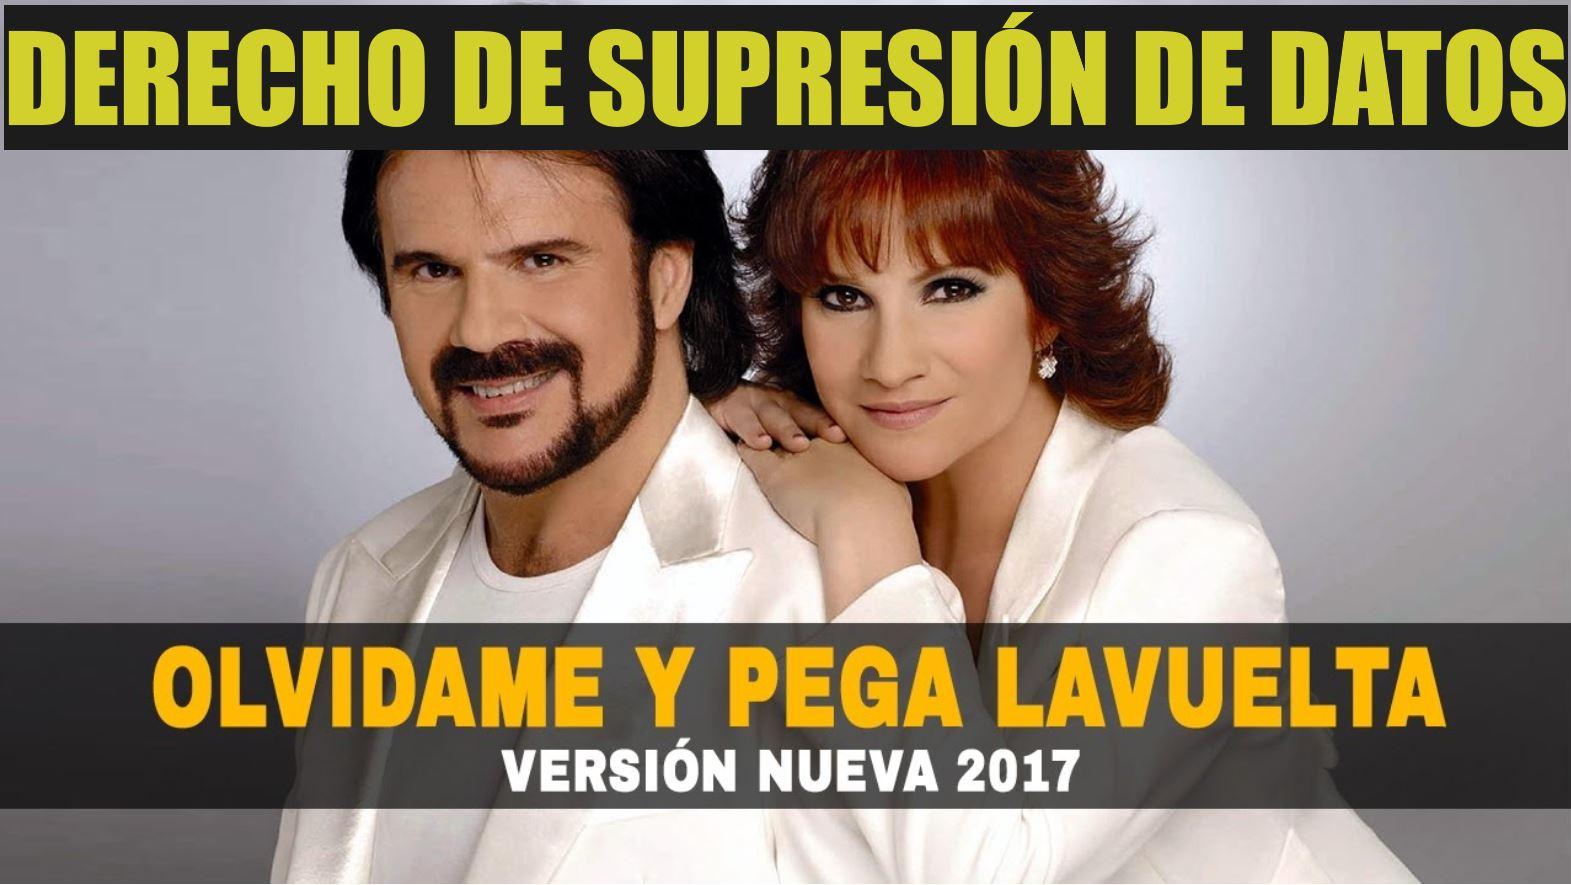 DERECHO DE SUPRESIÓN